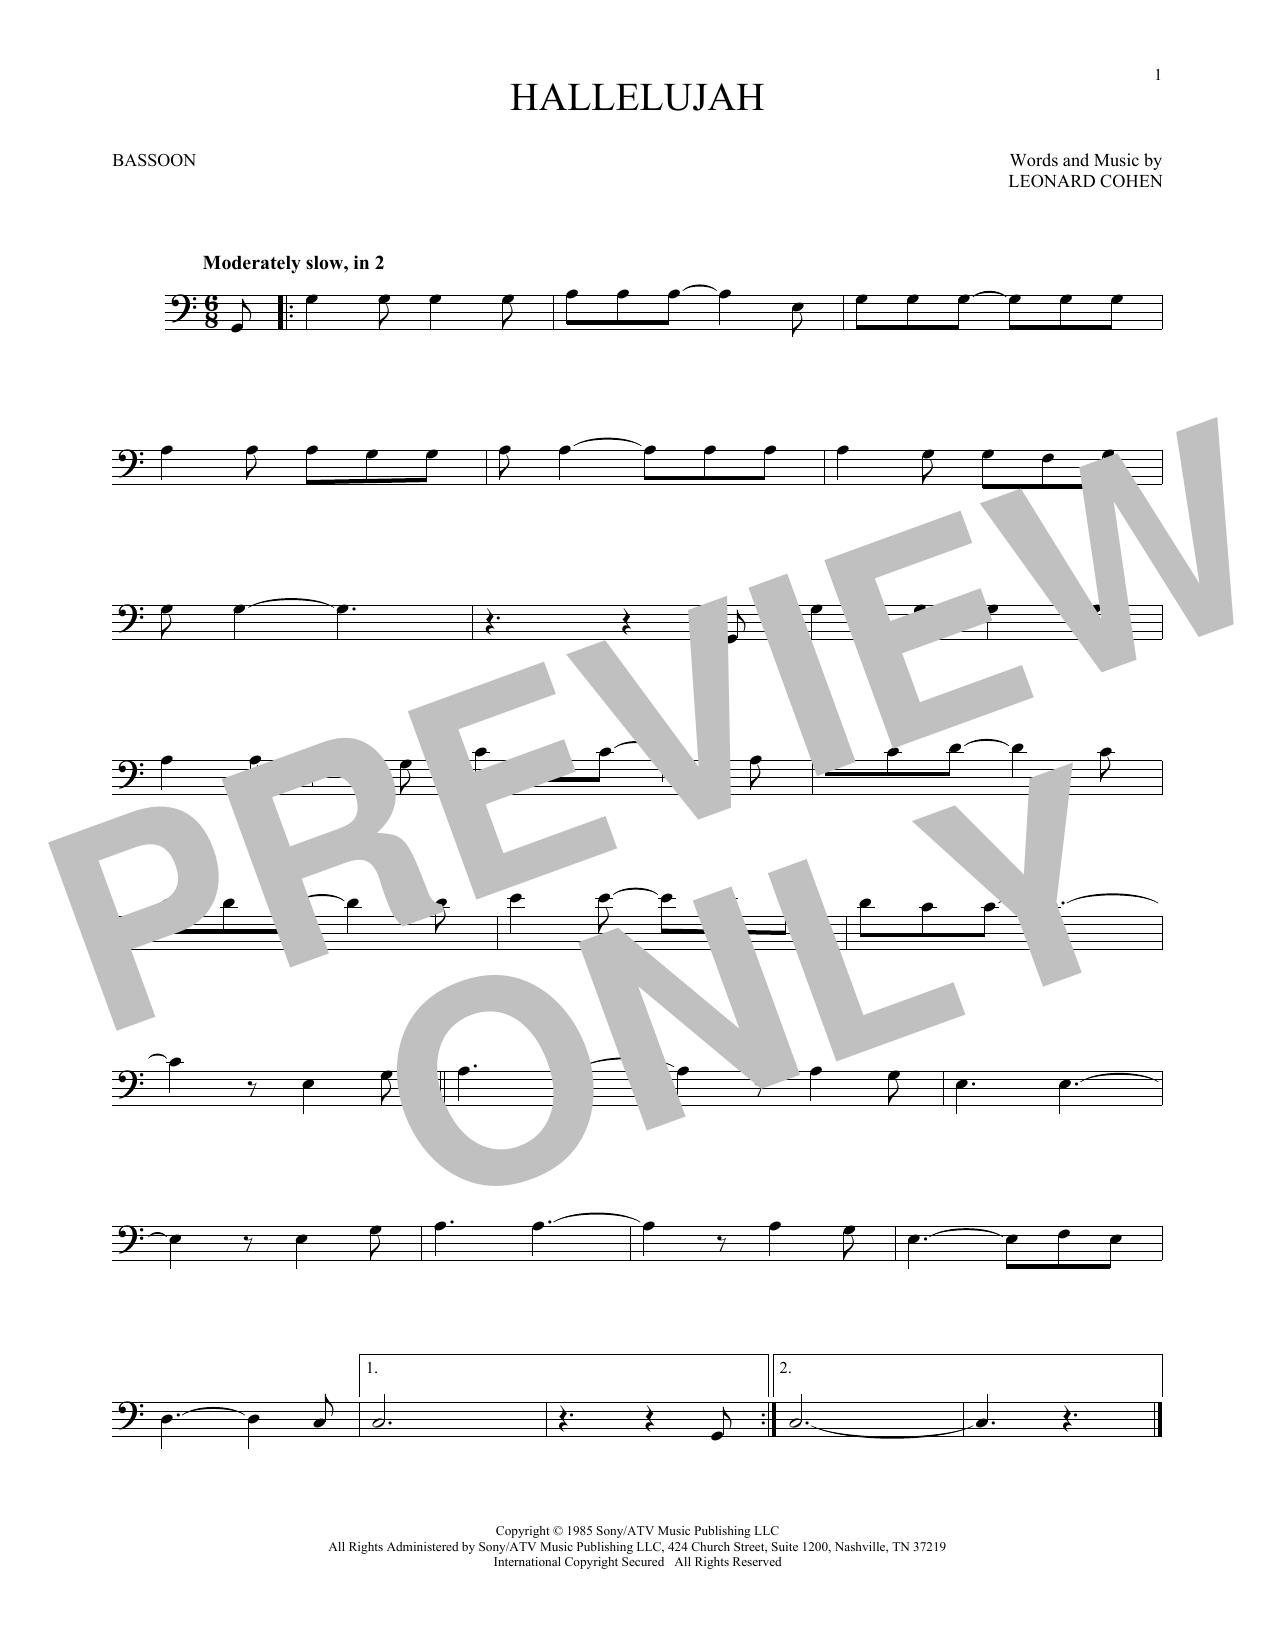 Hallelujah (Bassoon Solo)